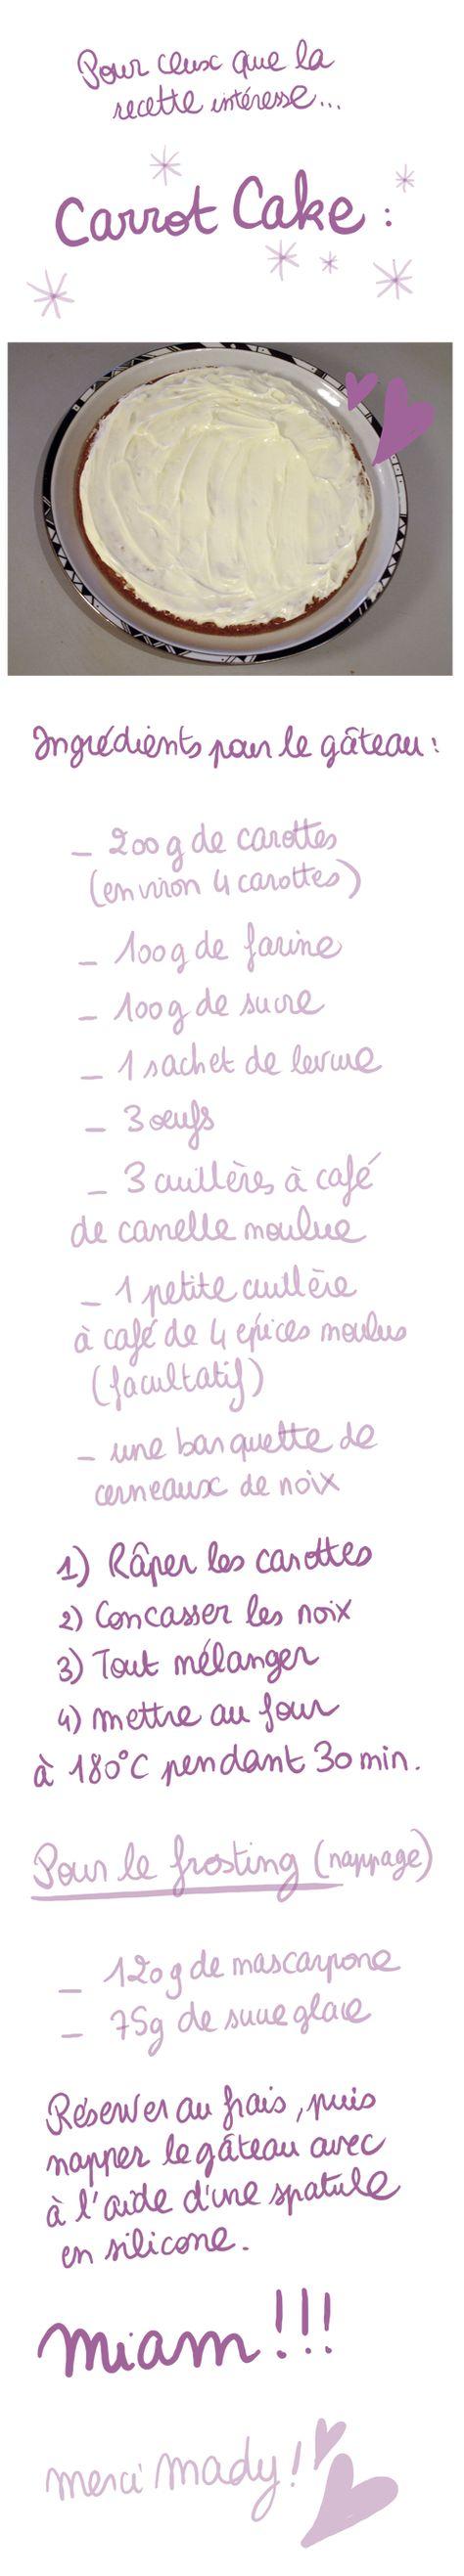 Recette Carrot Cake par Diglee